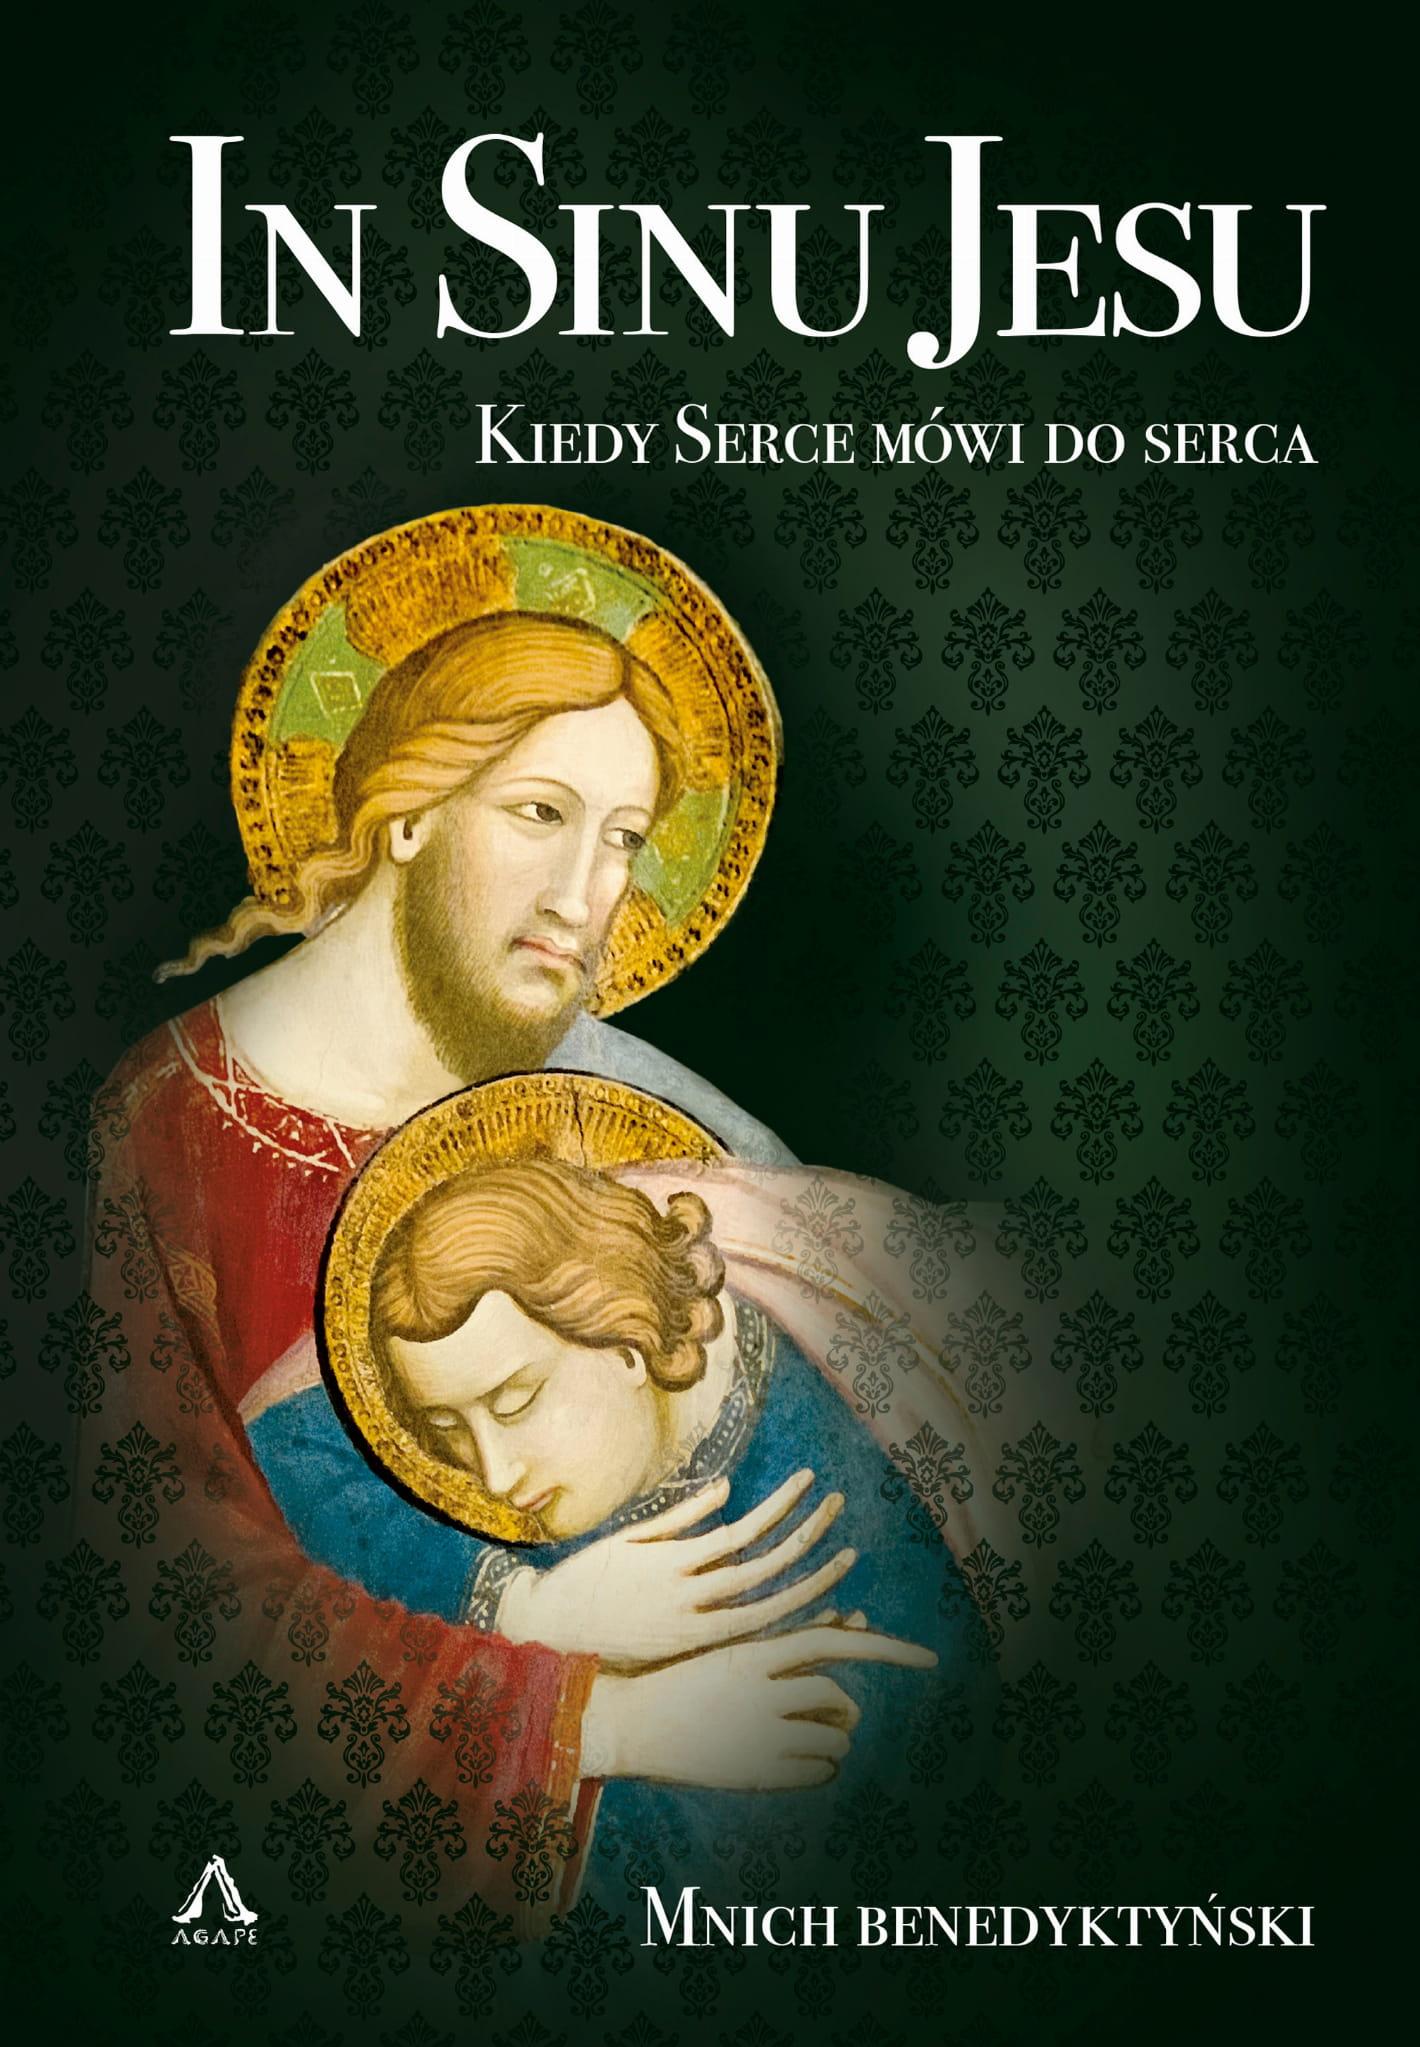 In Sinu Jesu. Kiedy serce mówi do serca